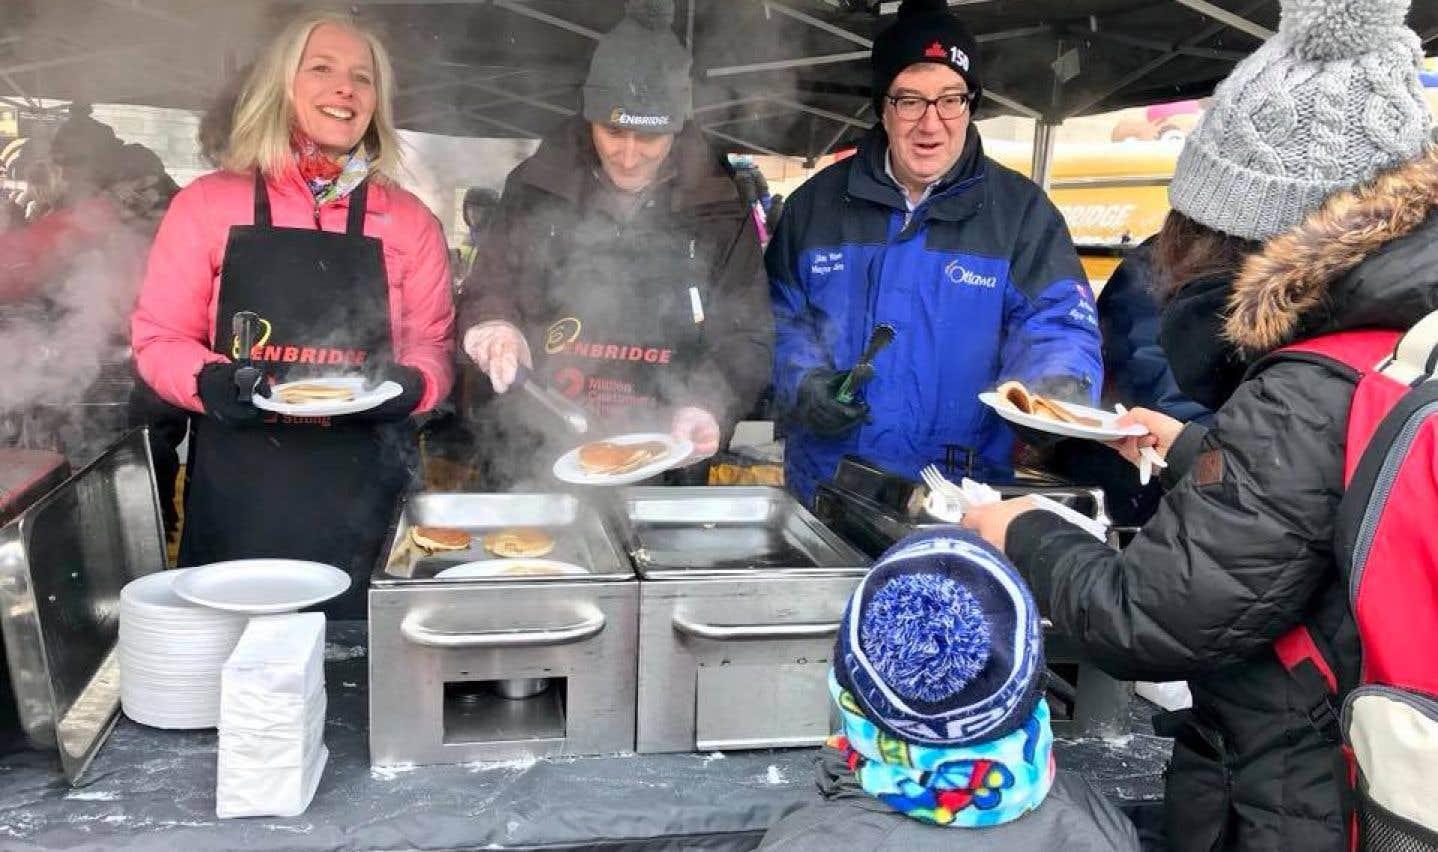 La ministre fédérale de l'Environnement, Catherine McKenna, en compagnie de Jim Sanders, président d'Enbridge Gas Distribution (au centre), lors dudéjeuner annuel Enbridge du Bal de neige d'Ottawa, au début février